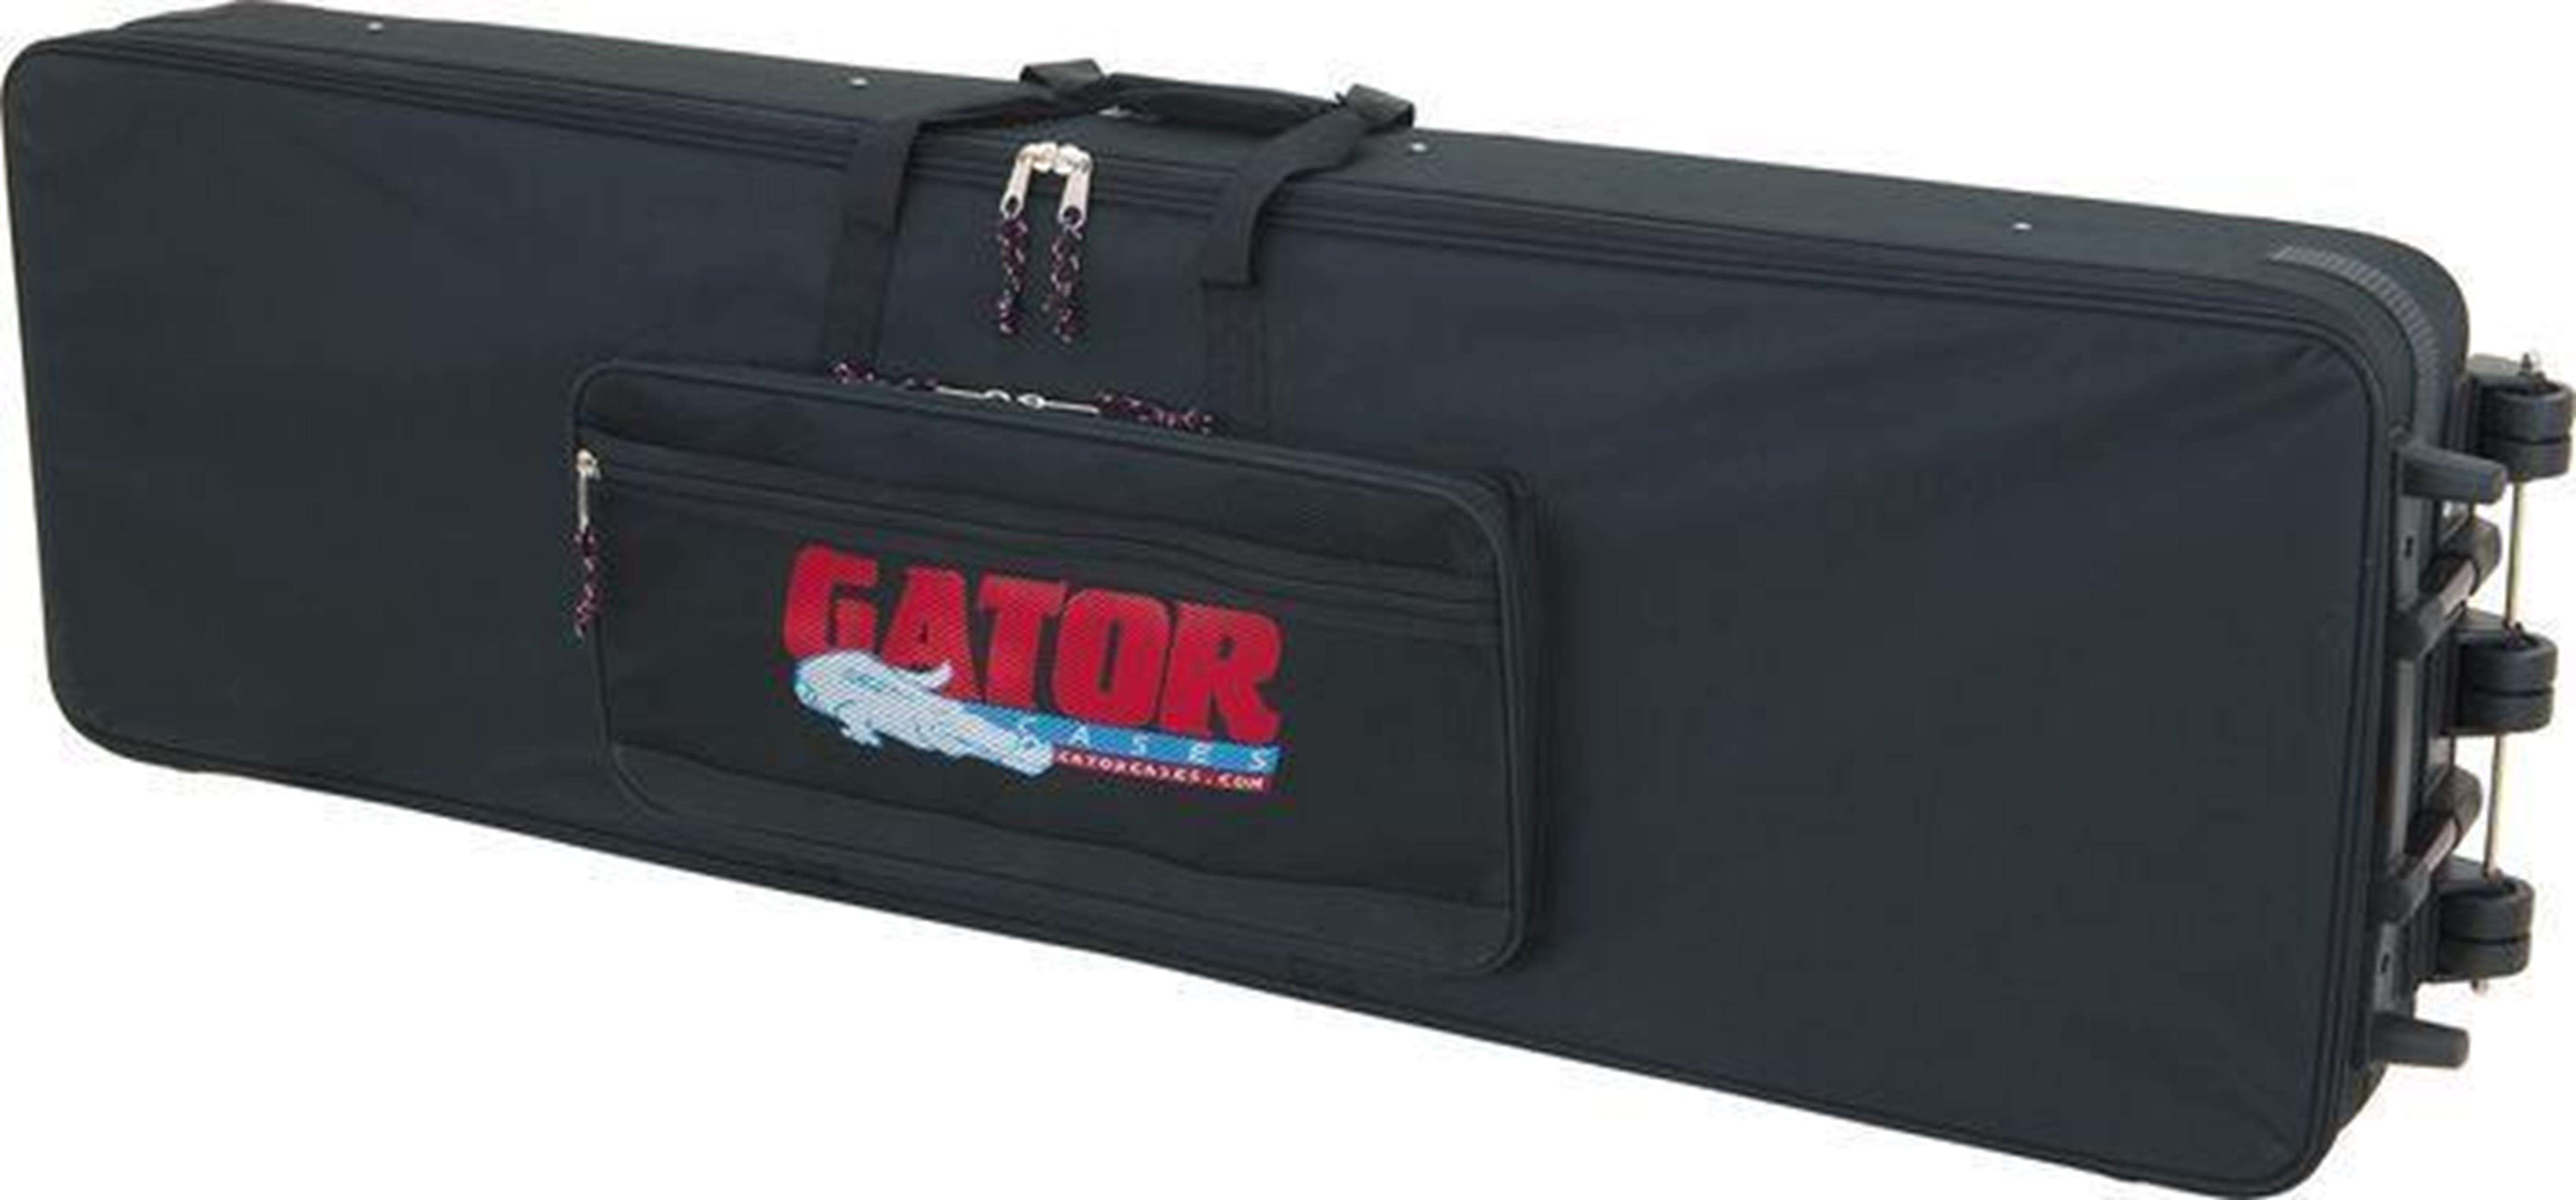 Gator GK-88 - astuccio light per tastiera 88 tasti - Tastiere Accessori - Custodie e Borse